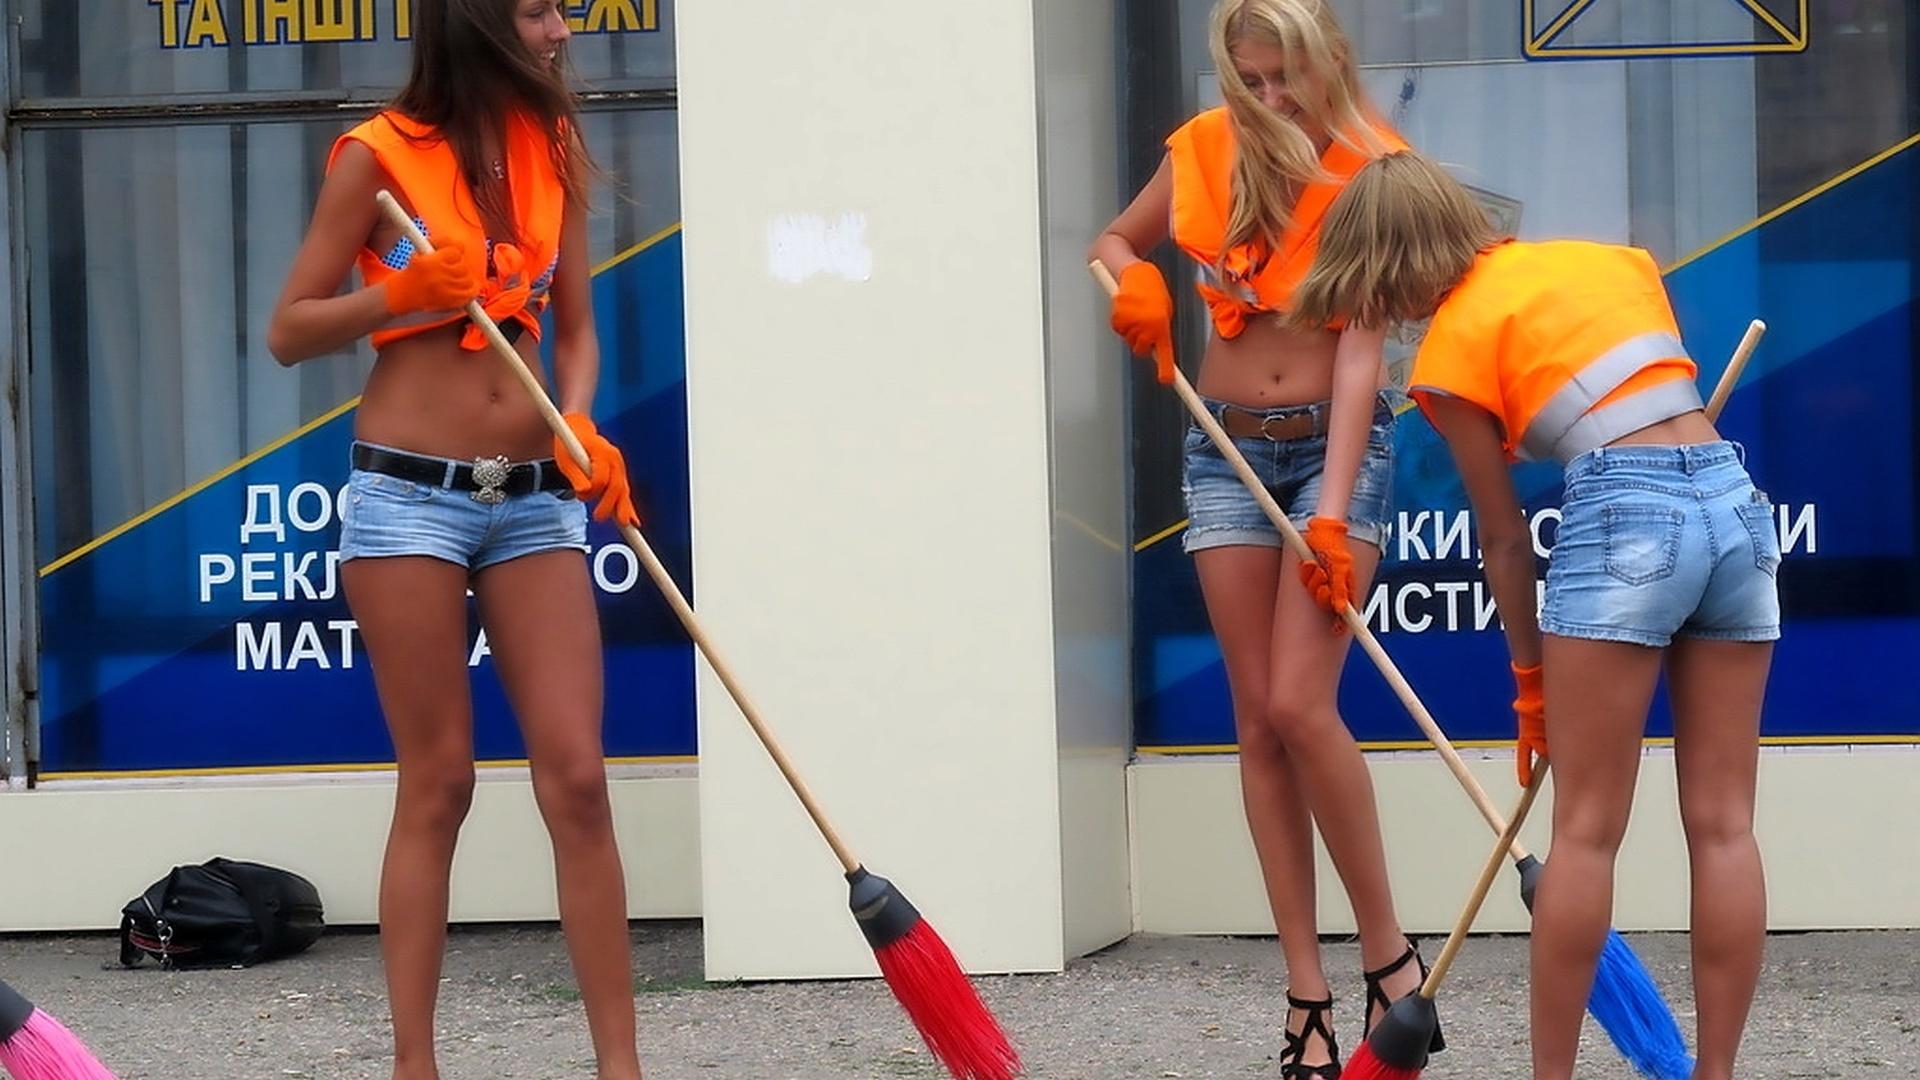 Тюмень проститутка субботник индивидуалки южносахалинском